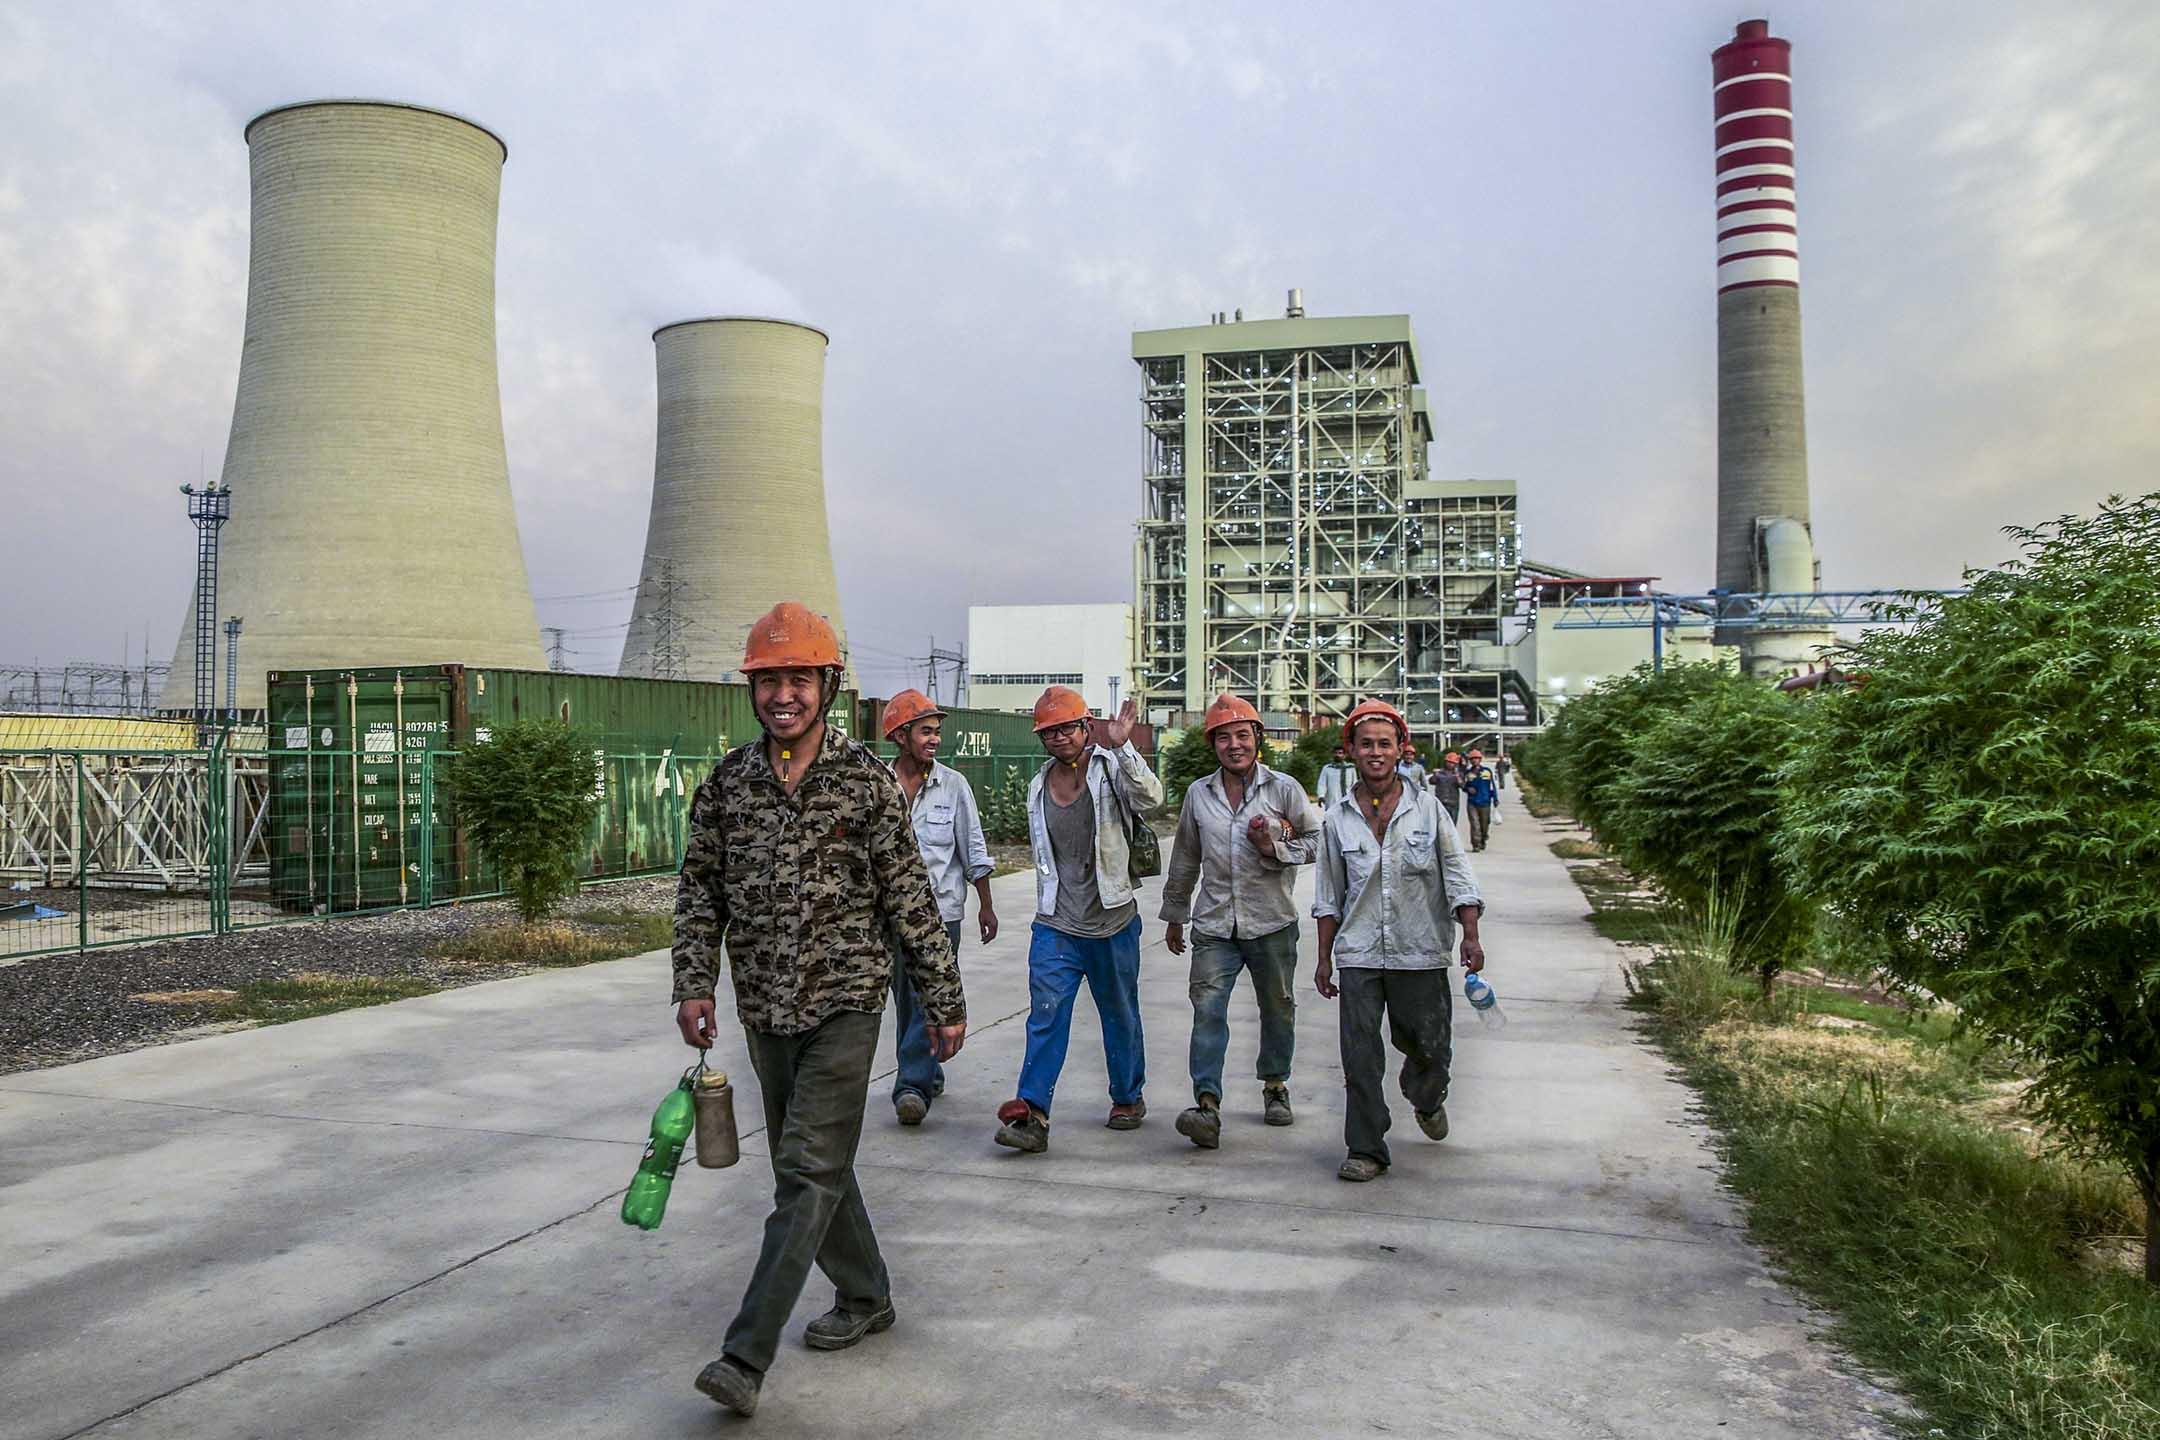 近年,巴基斯坦成為中國在亞洲積極拓展投資策略的關鍵國家。中巴經濟走廊更被視為「一帶一路」的旗艦項目。圖為2017年6月14日,巴基斯坦的一個由中國投資的煤電廠,中國工人正從工廠下班。 攝:Asad Zaidi/Bloomberg via Getty Images